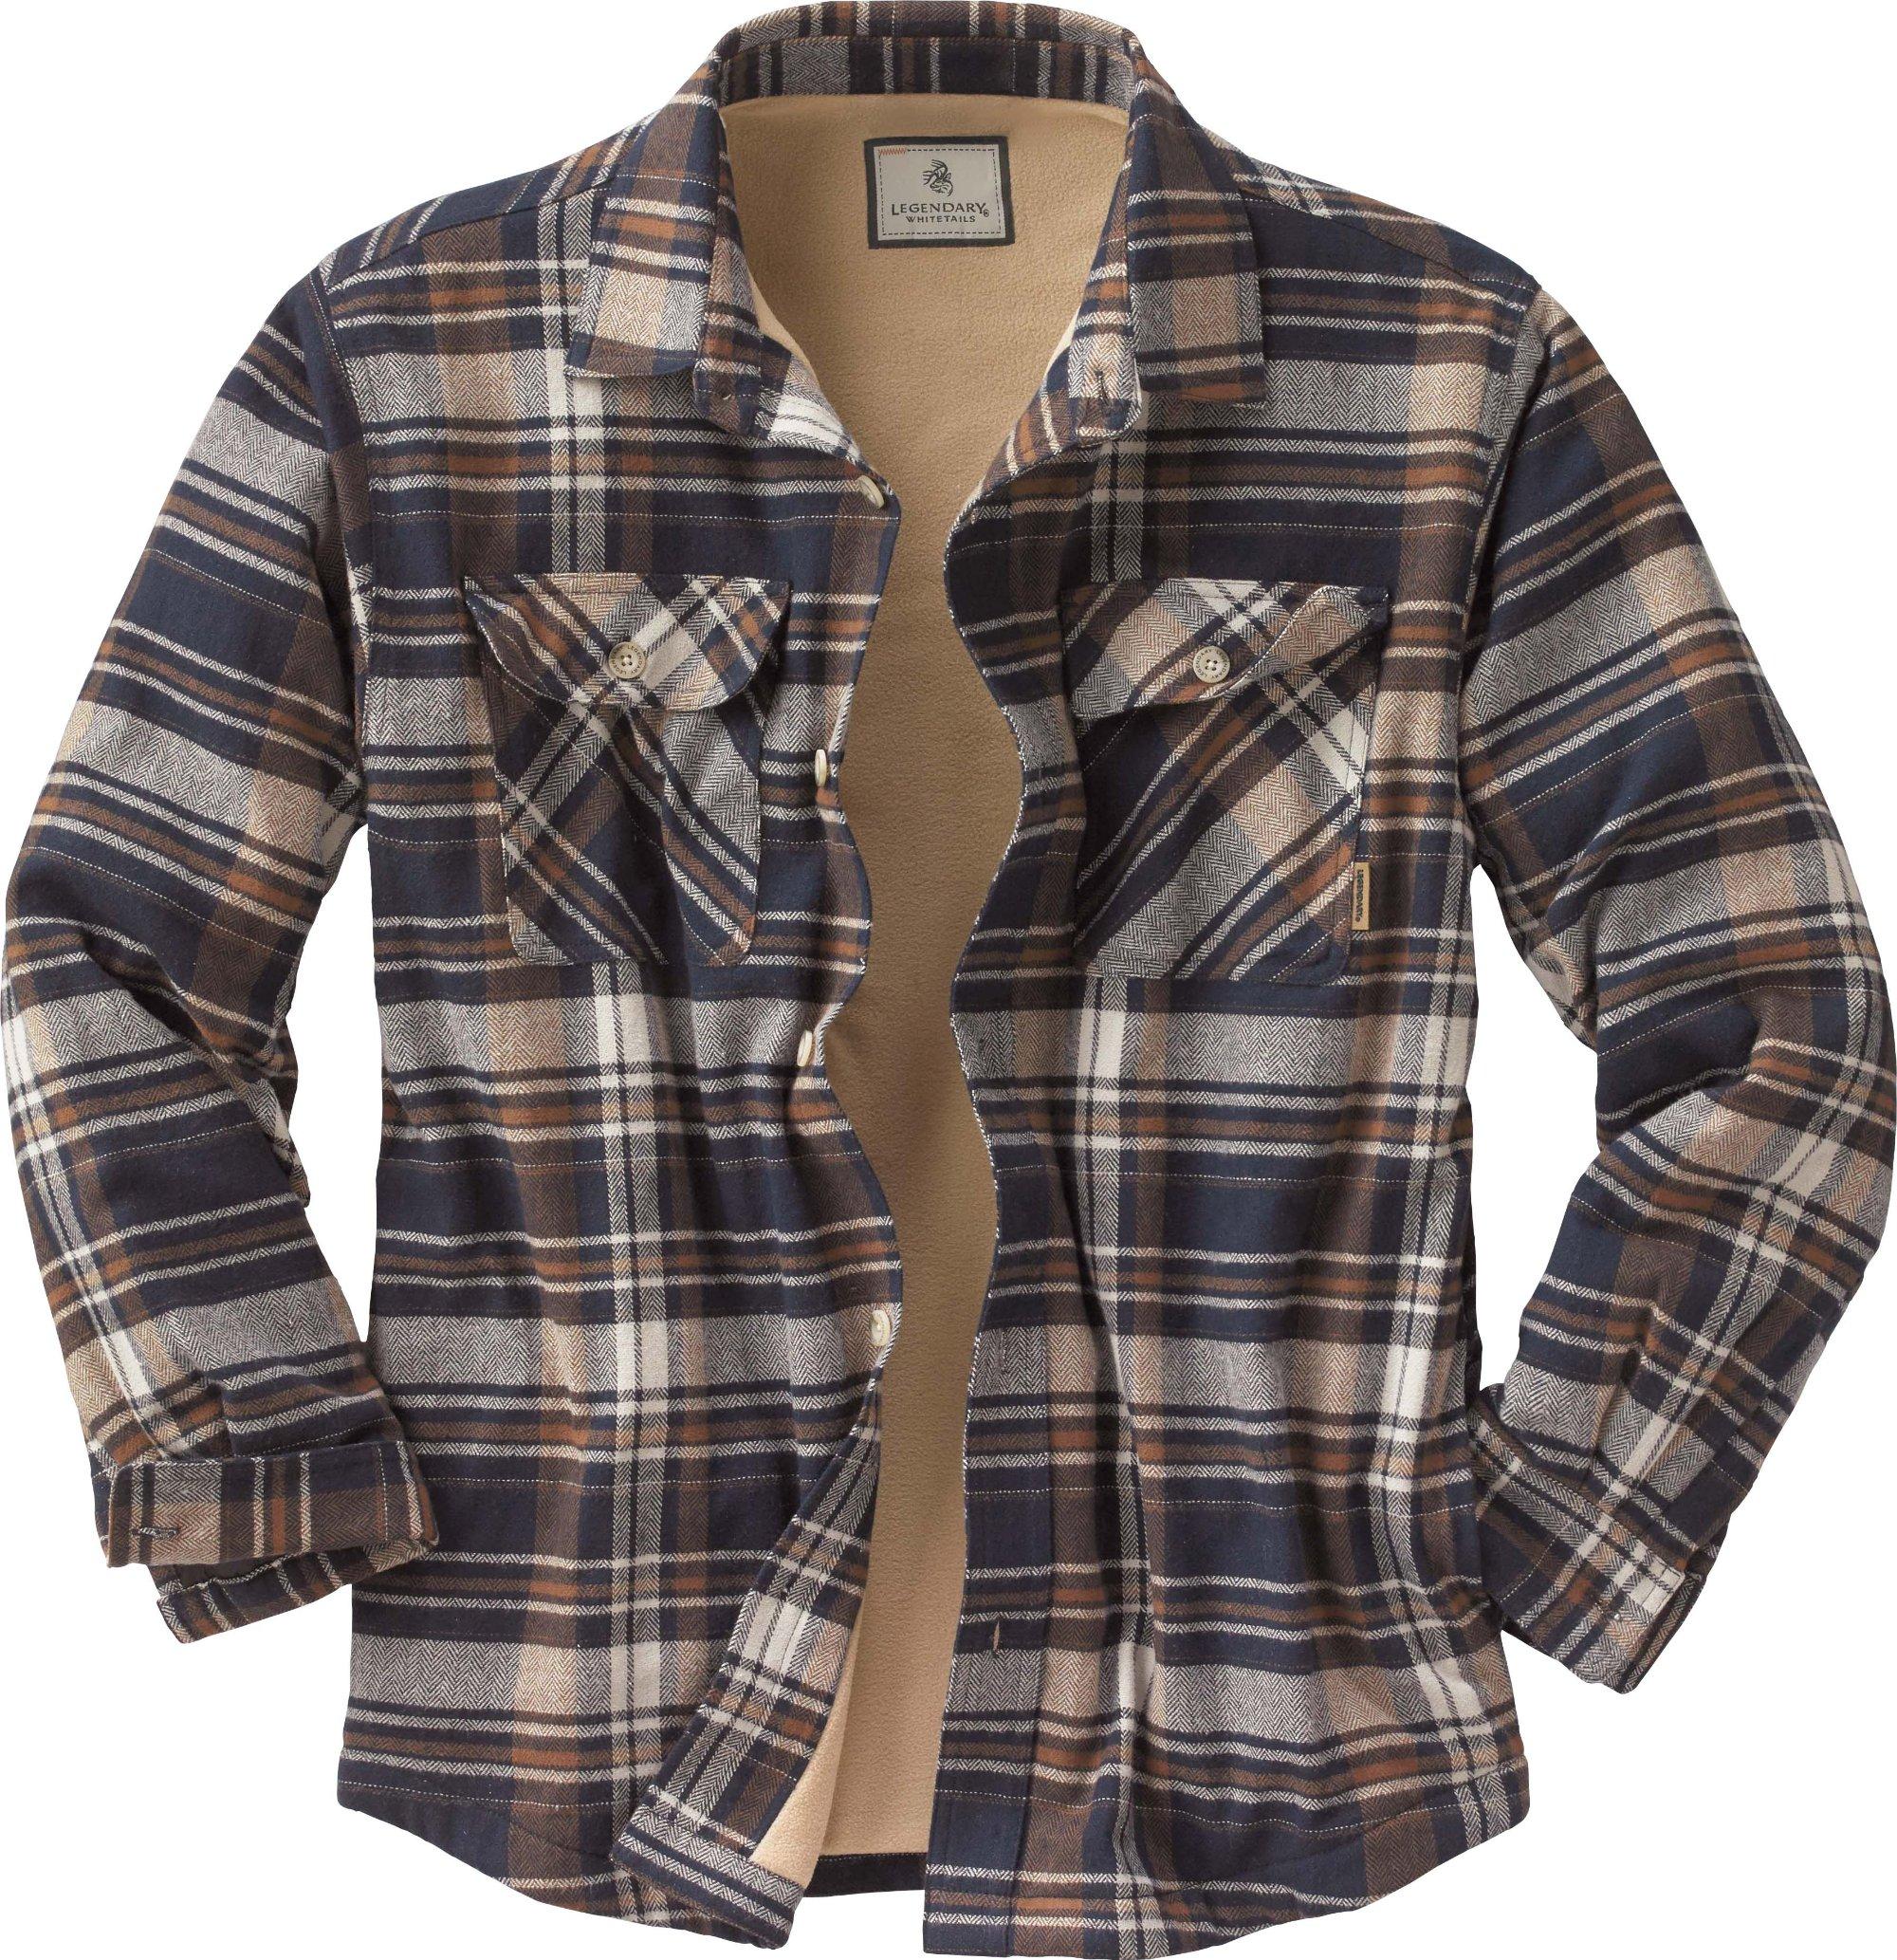 Men s Deer Camp Fleece Lined Flannel Shirt Jacket Zoom 4a052be69c8